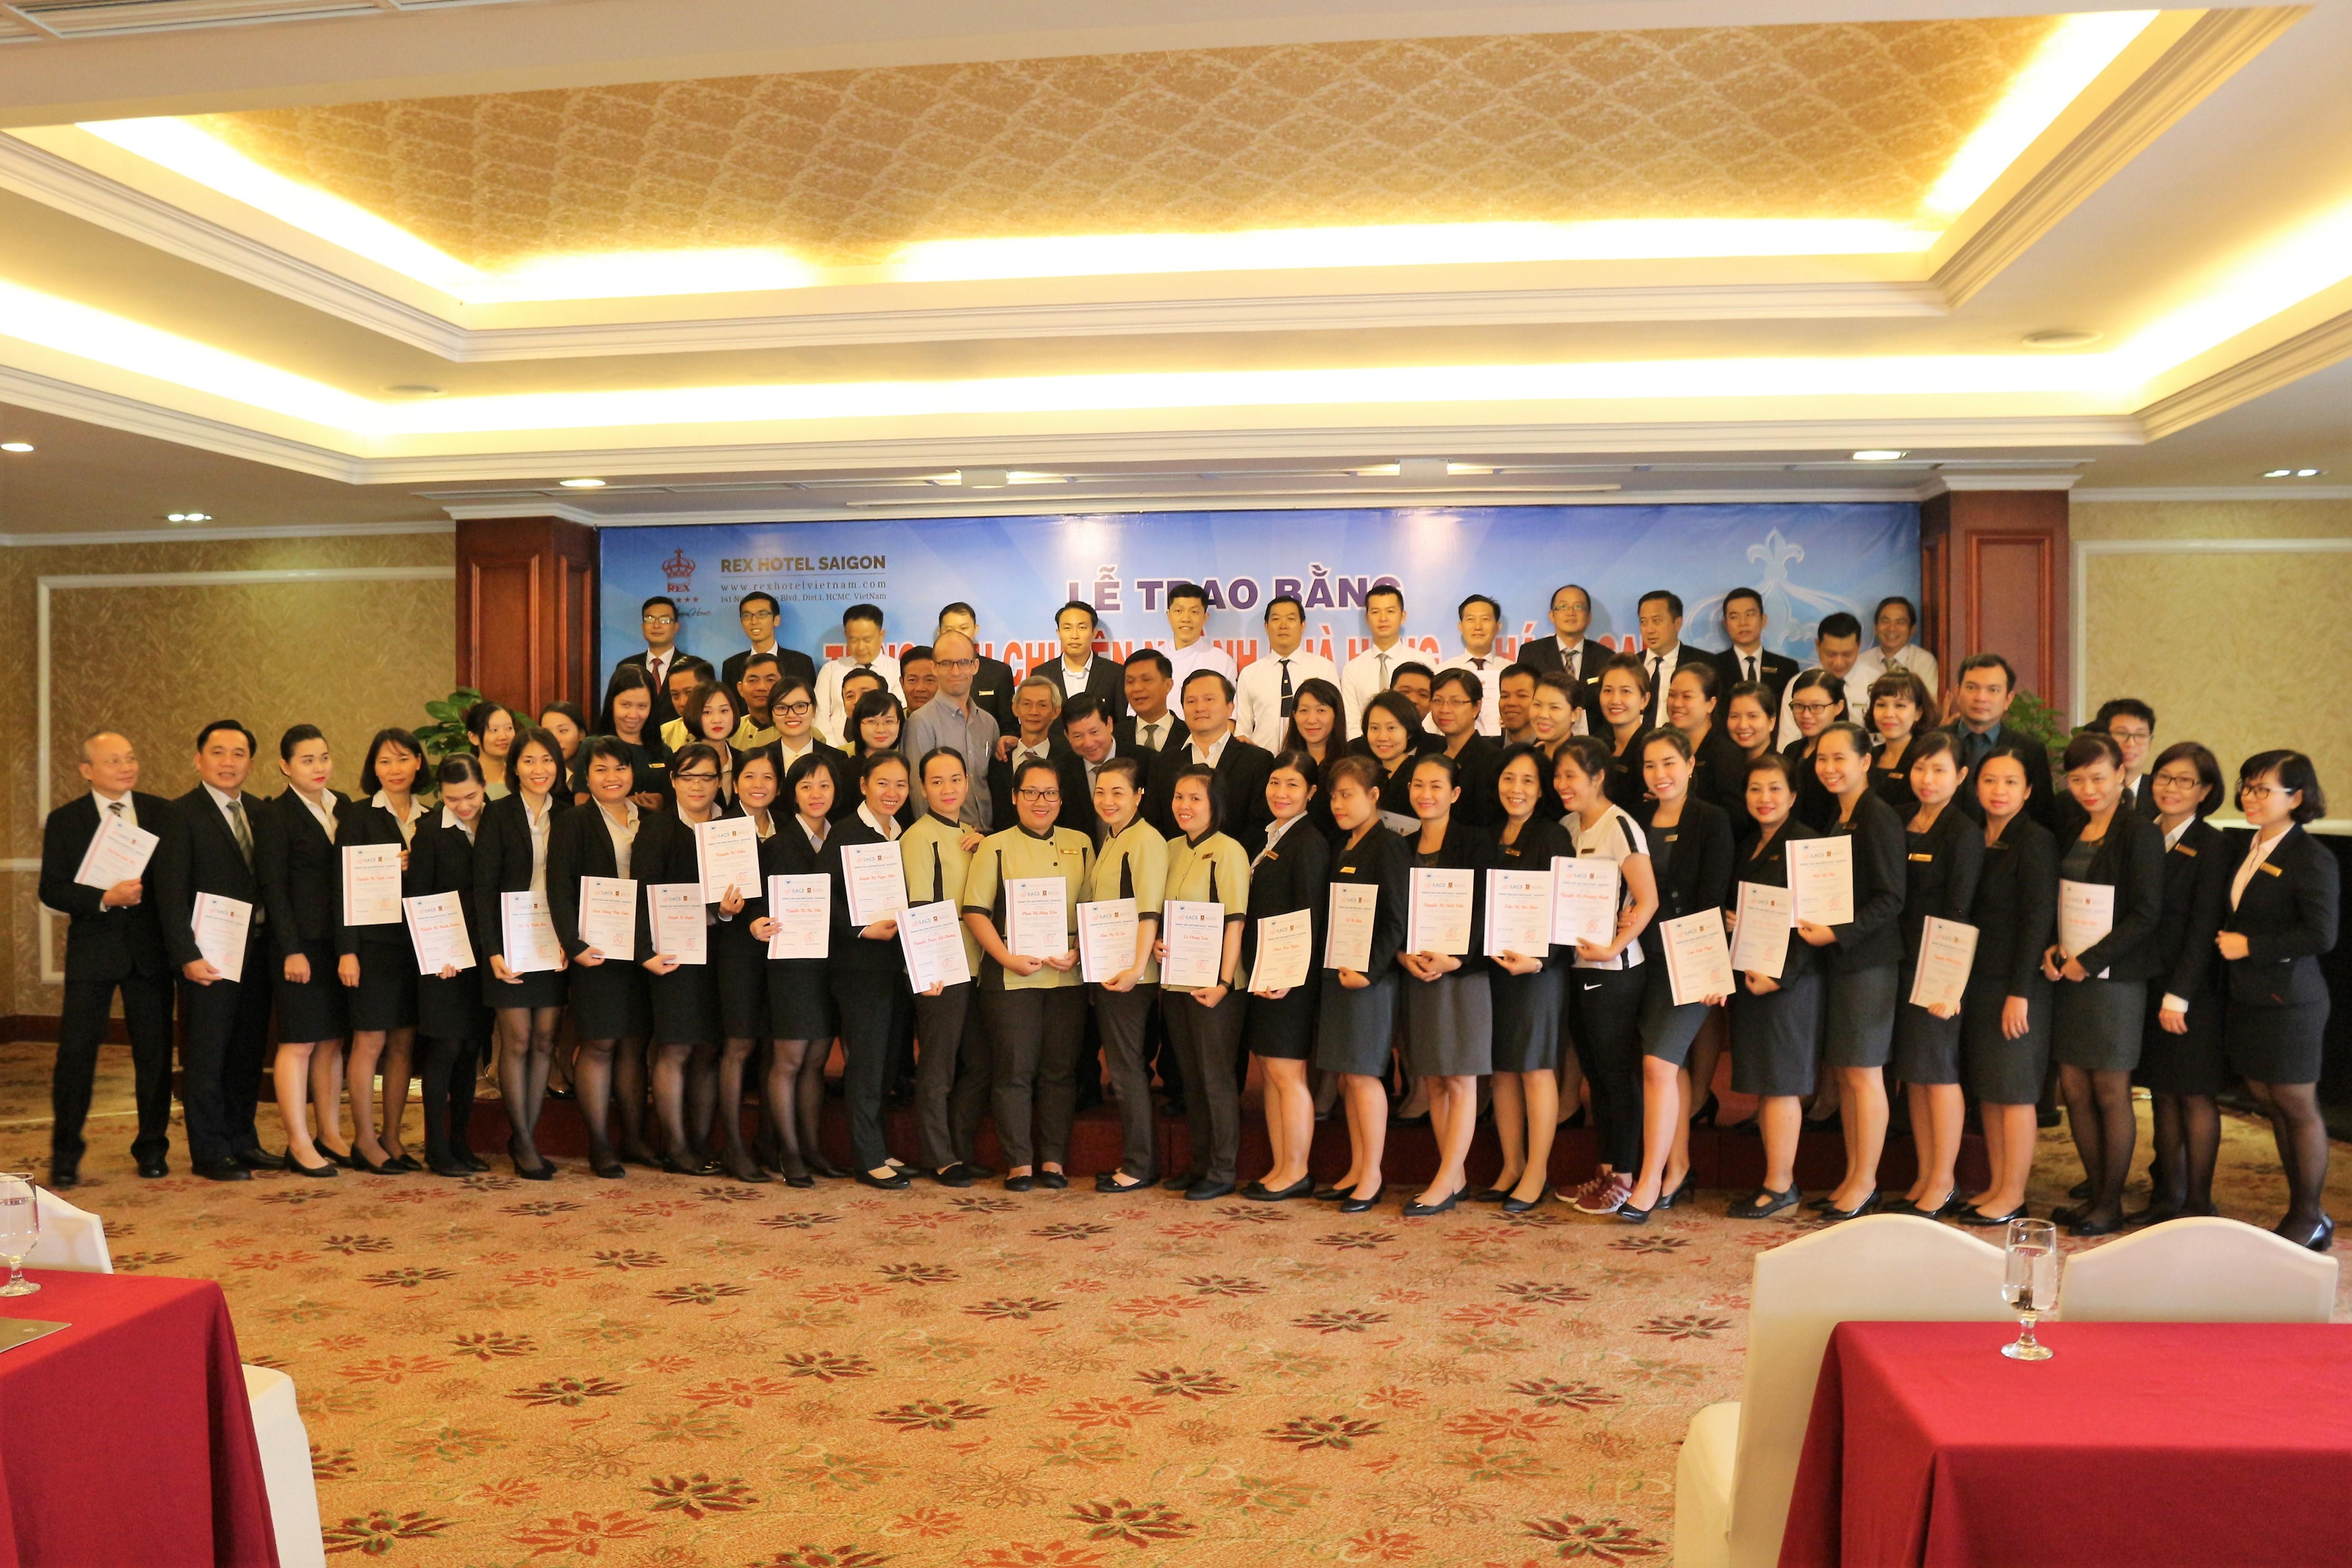 """Lễ Tổng kết khóa học """"Anh ngữ giao tiếp trong môi trường Nhà hàng khách sạn"""" cho cán bộ nhân viên Khách sạn REX Saigon"""